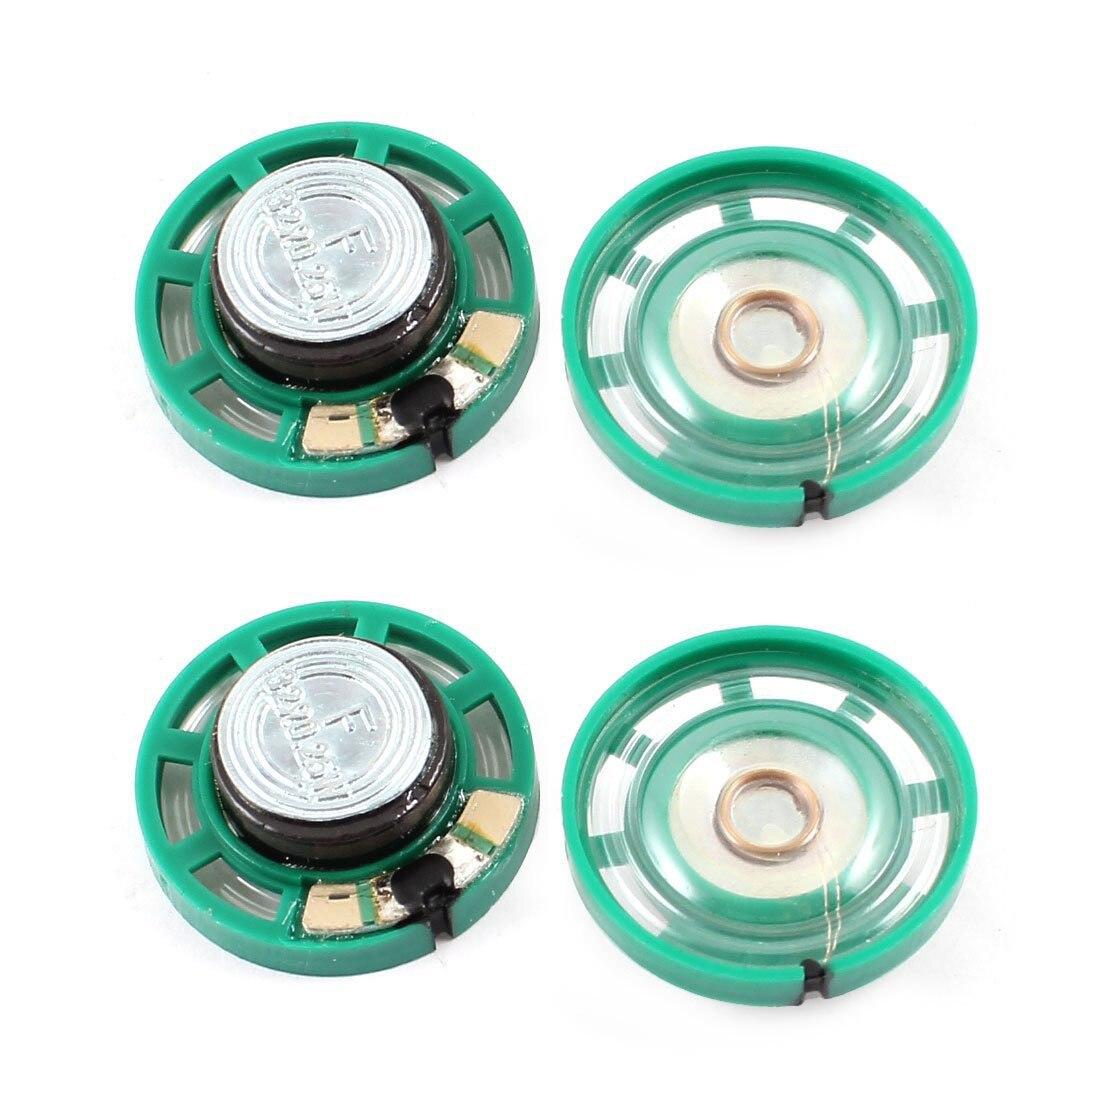 0,25 Watt 32 Ohm Kunststoff 4 Magnetischen Lautsprecher Mit 27mm Durchmesser Grüne + Silber Eine GroßE Auswahl An Modellen